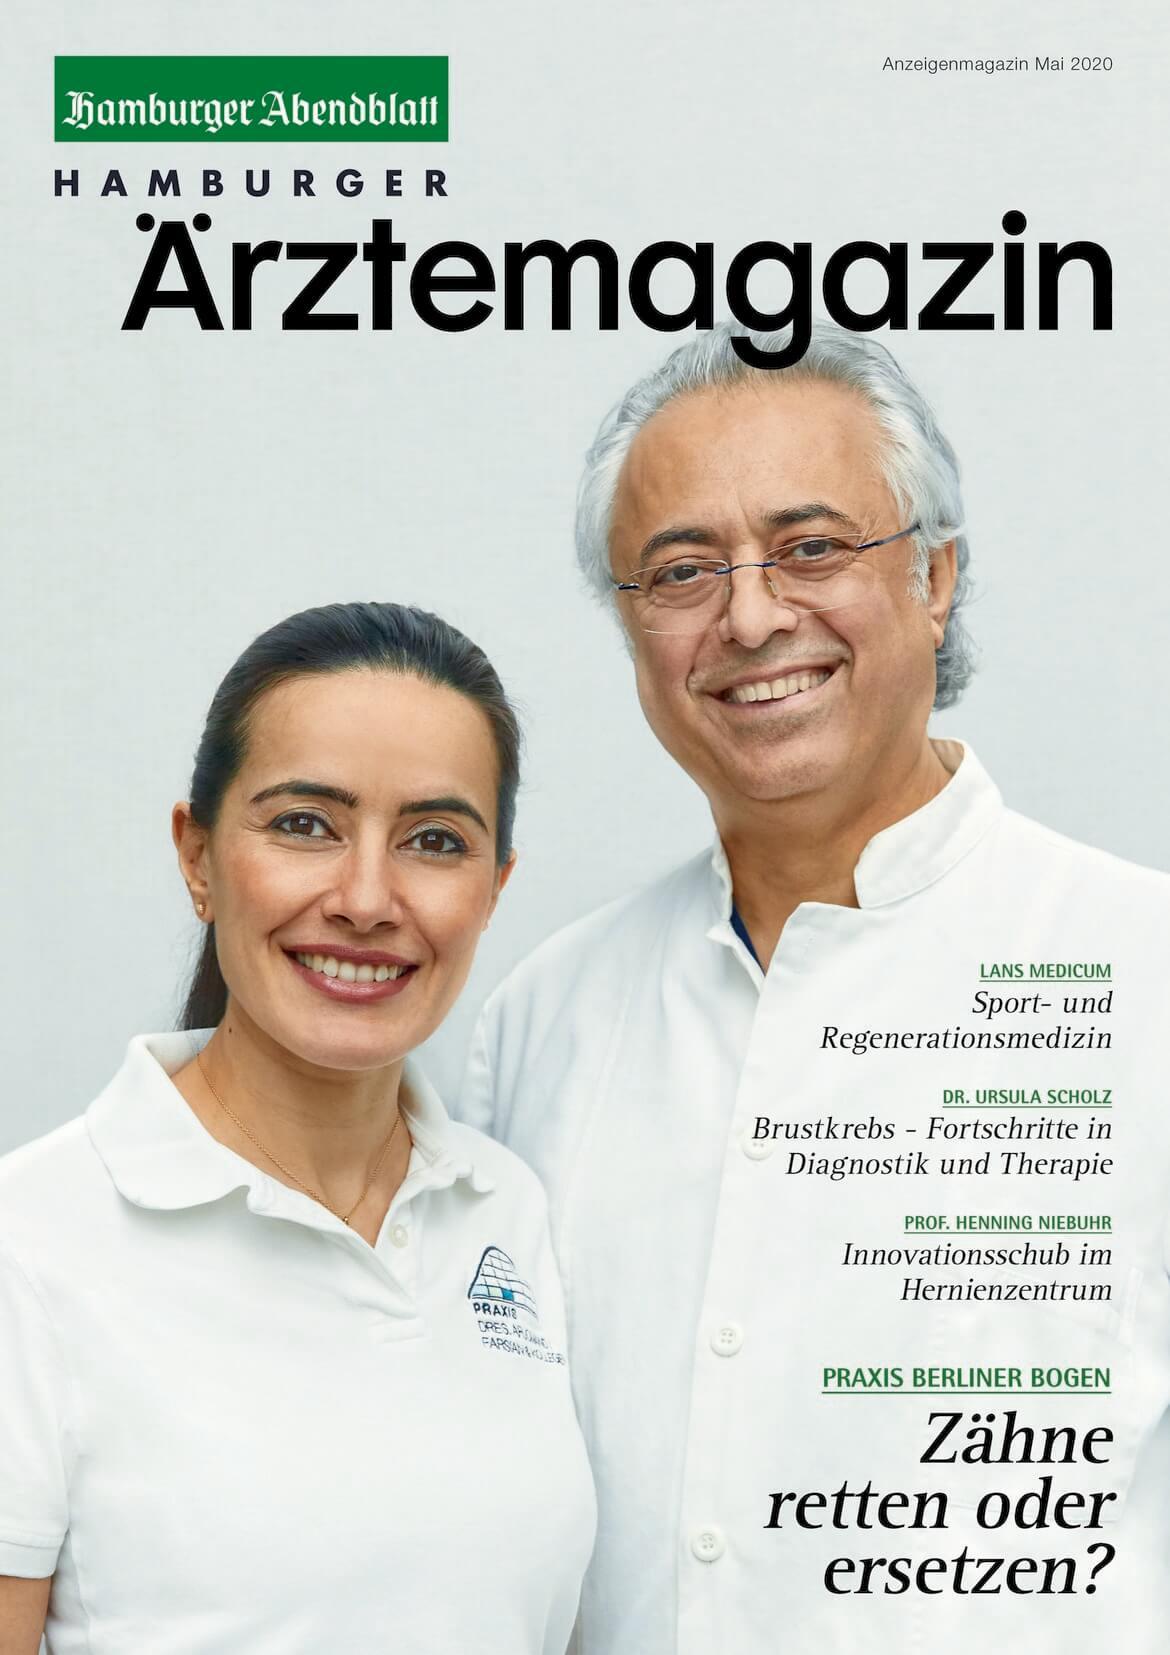 Hamburger Ärztemagazin Ausgabe Mai 2020 erschienen